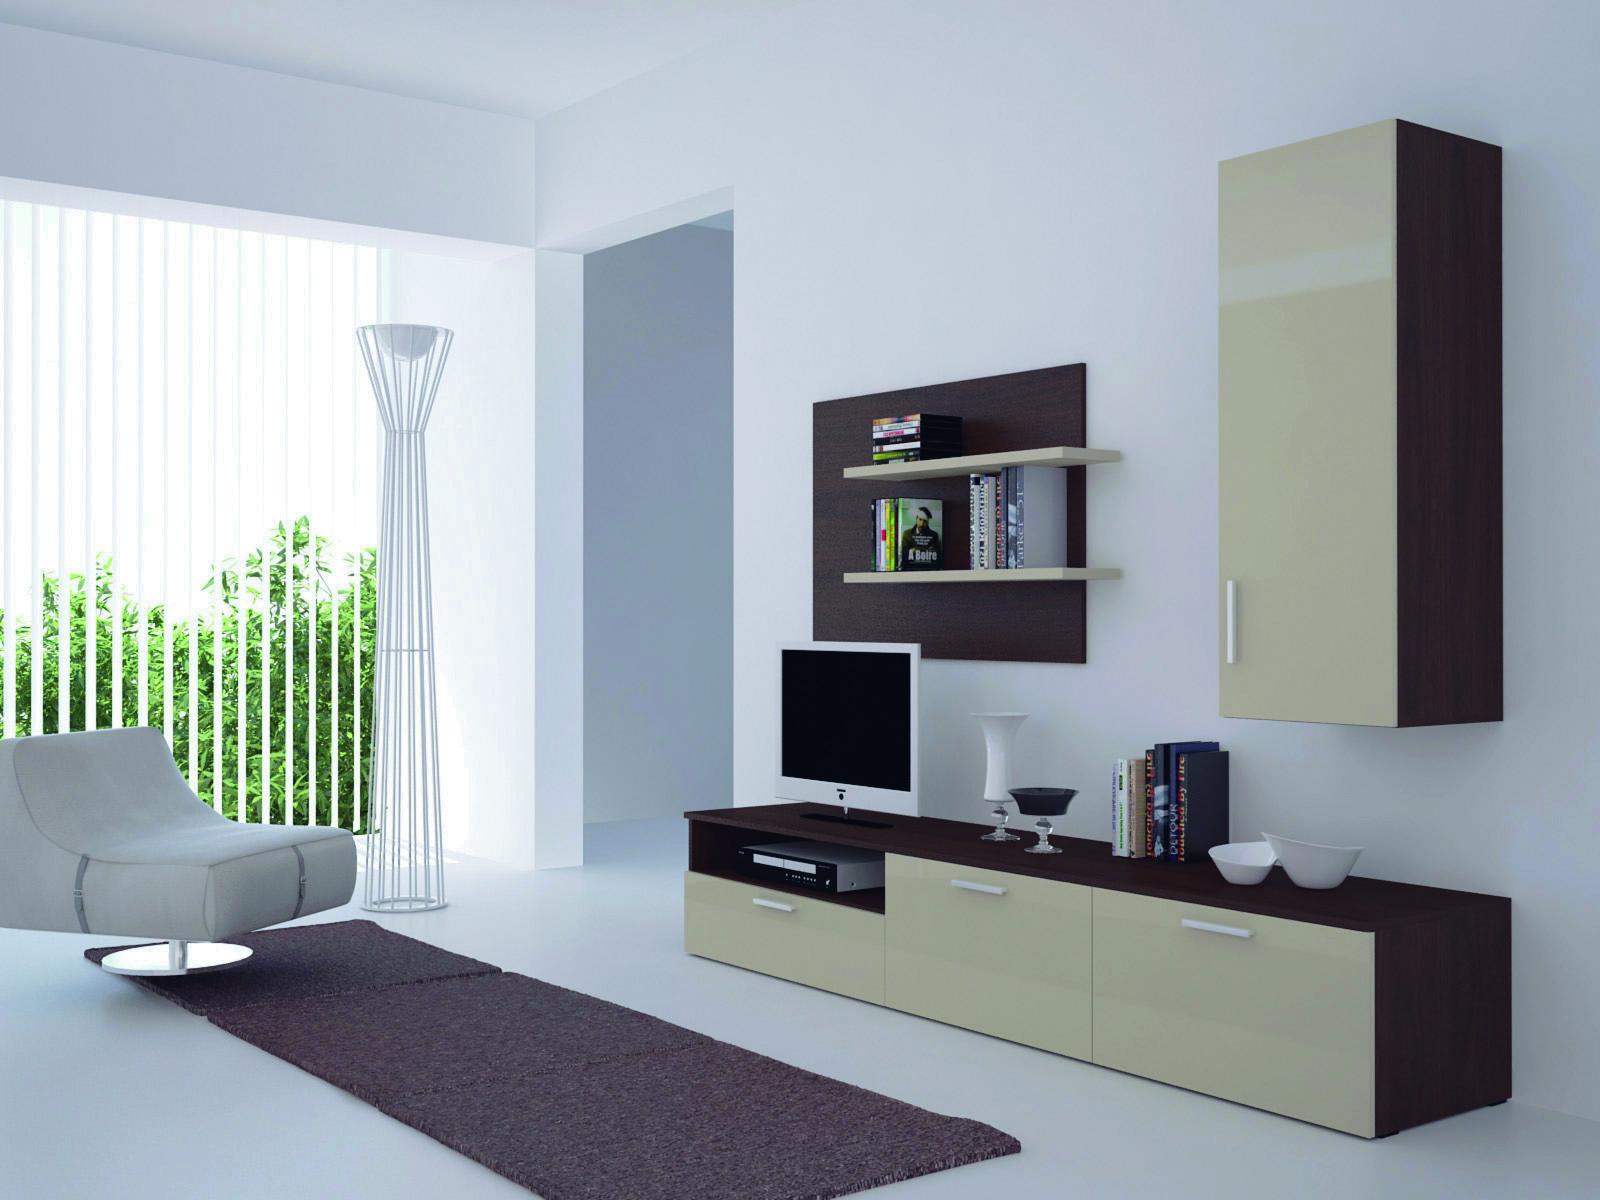 Бежево-коричневая мебель в стиле минимализм